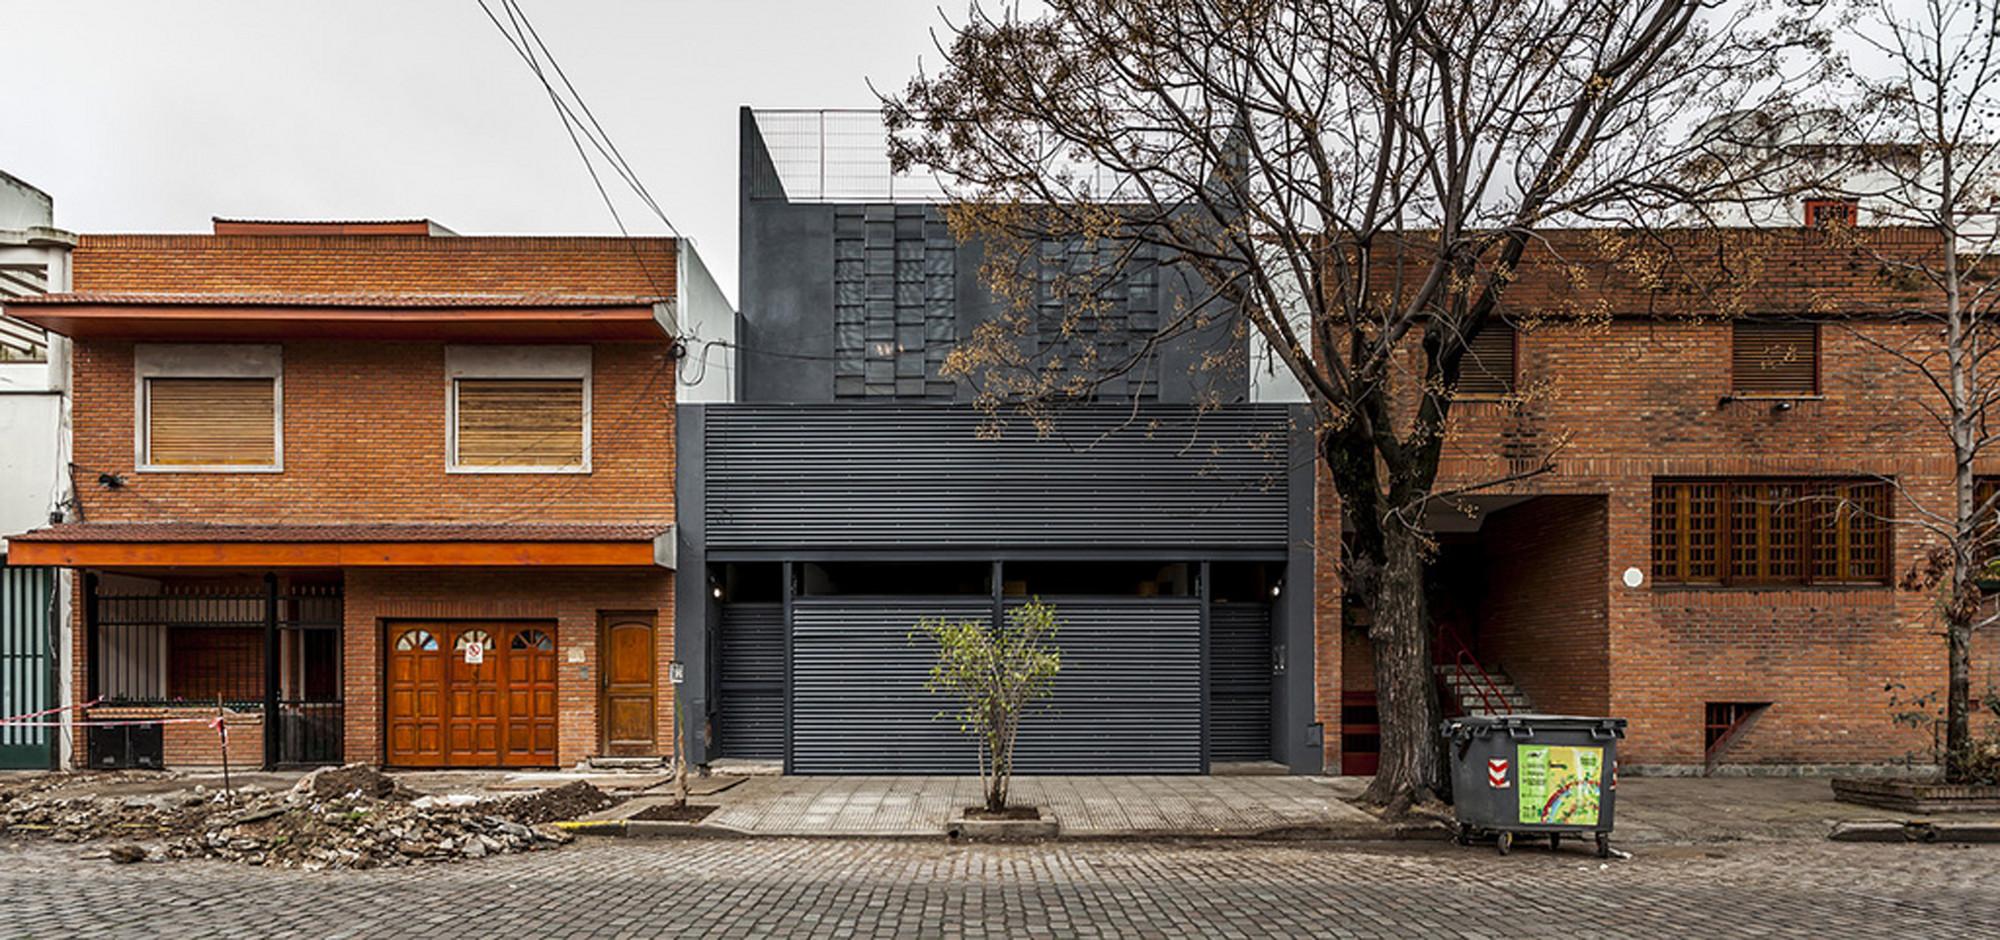 Two Conde Houses / HM.Arquitectos, © Federico Kulekdjian